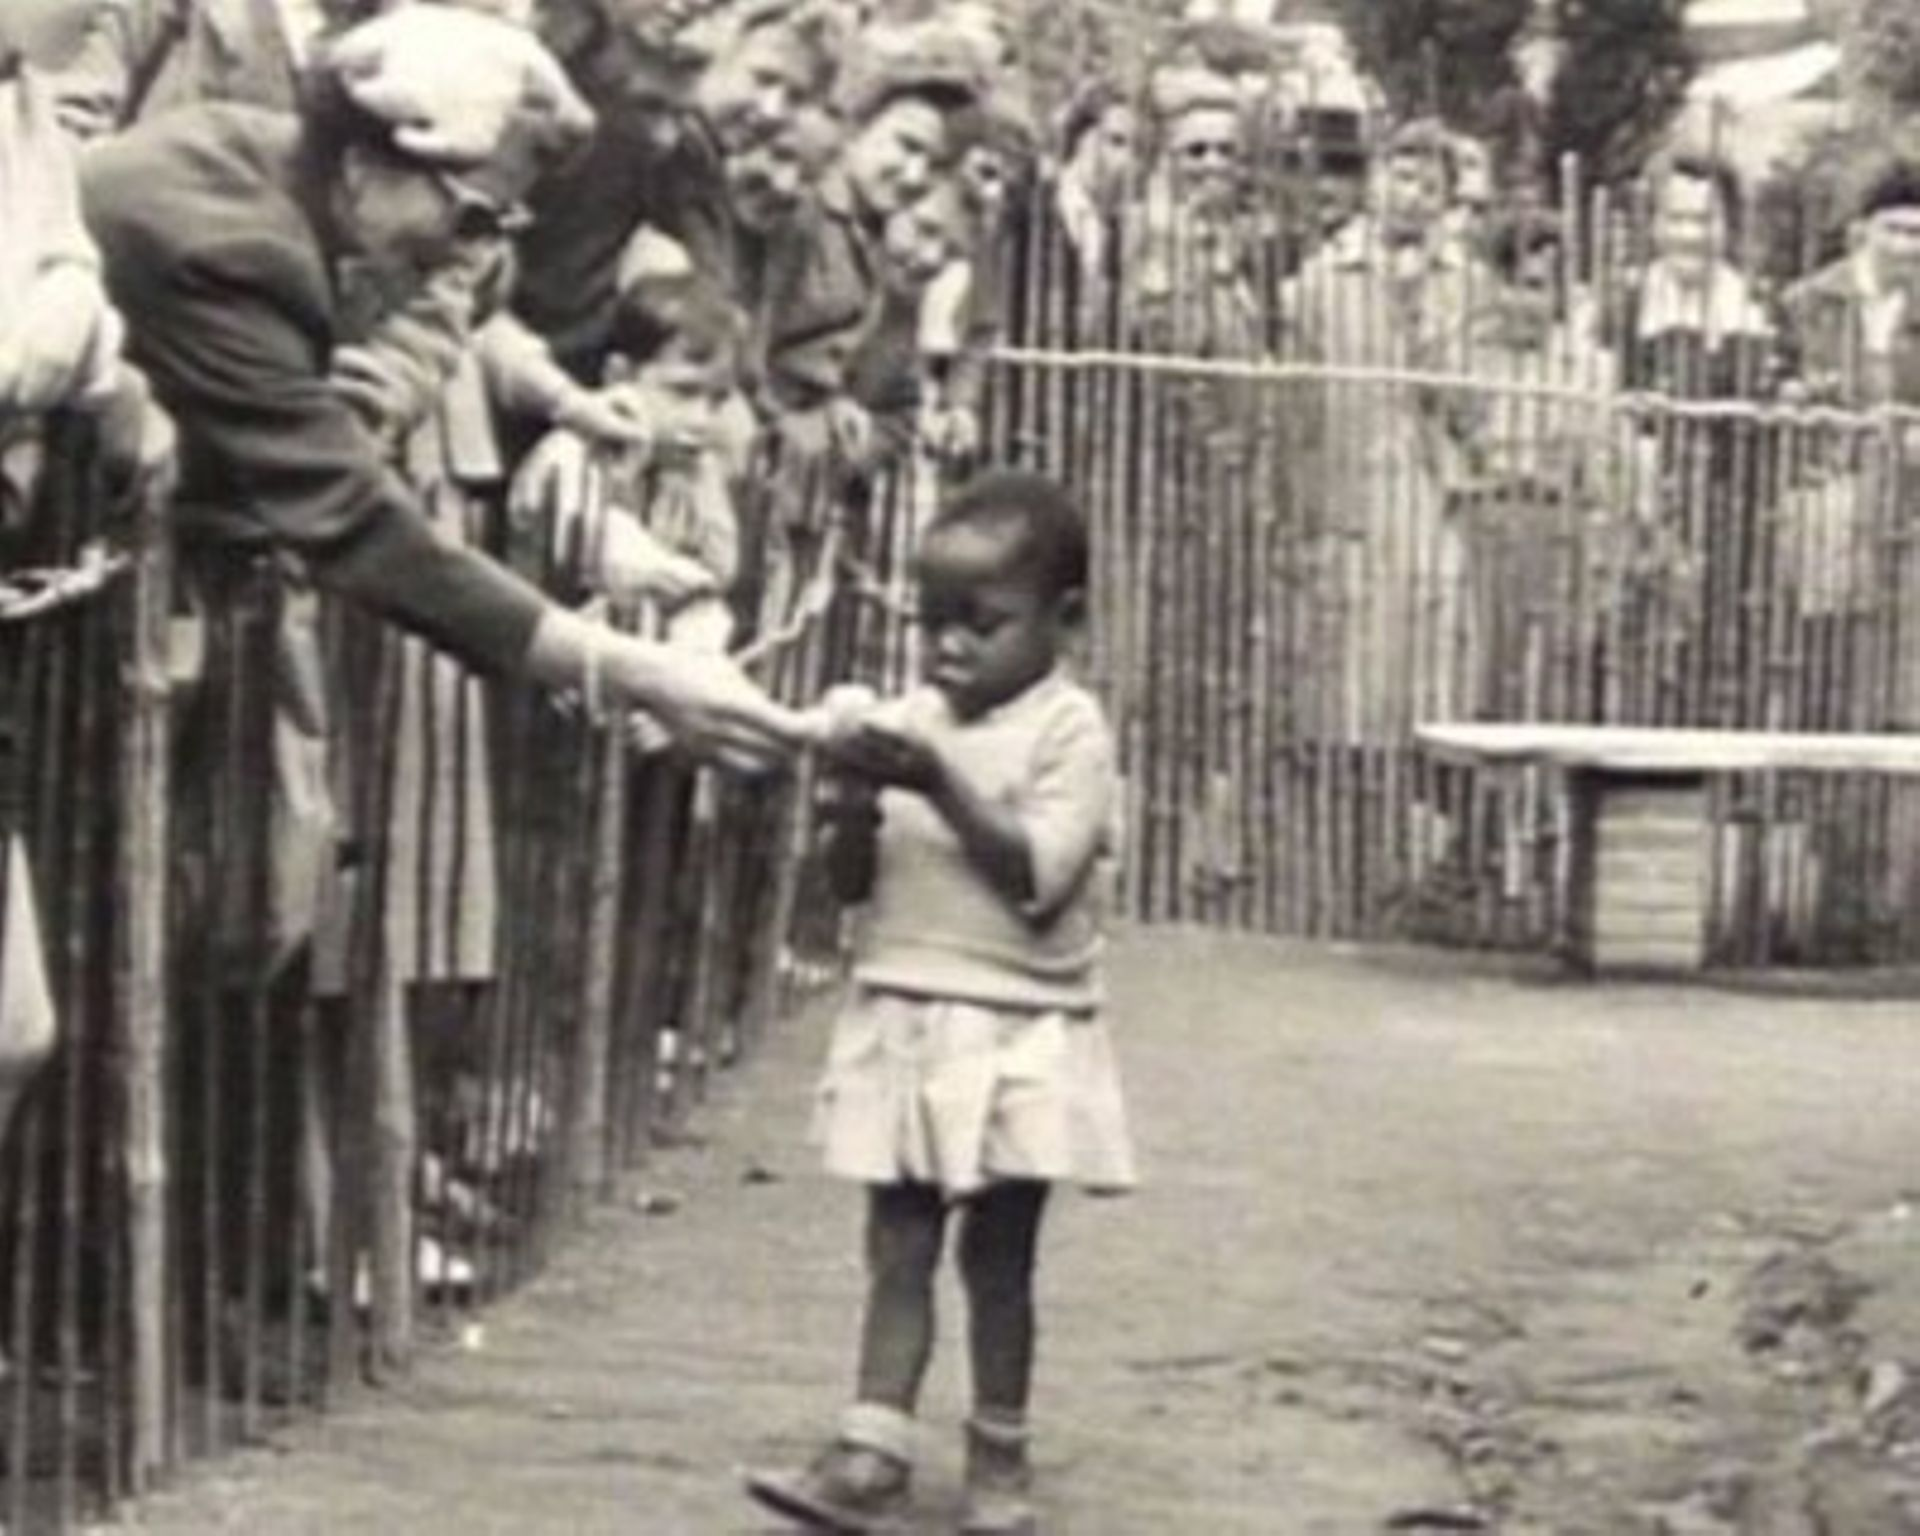 הסוד האפל של צרפת: גן חיות שהציג בני אדם מכפרי הקולוניה